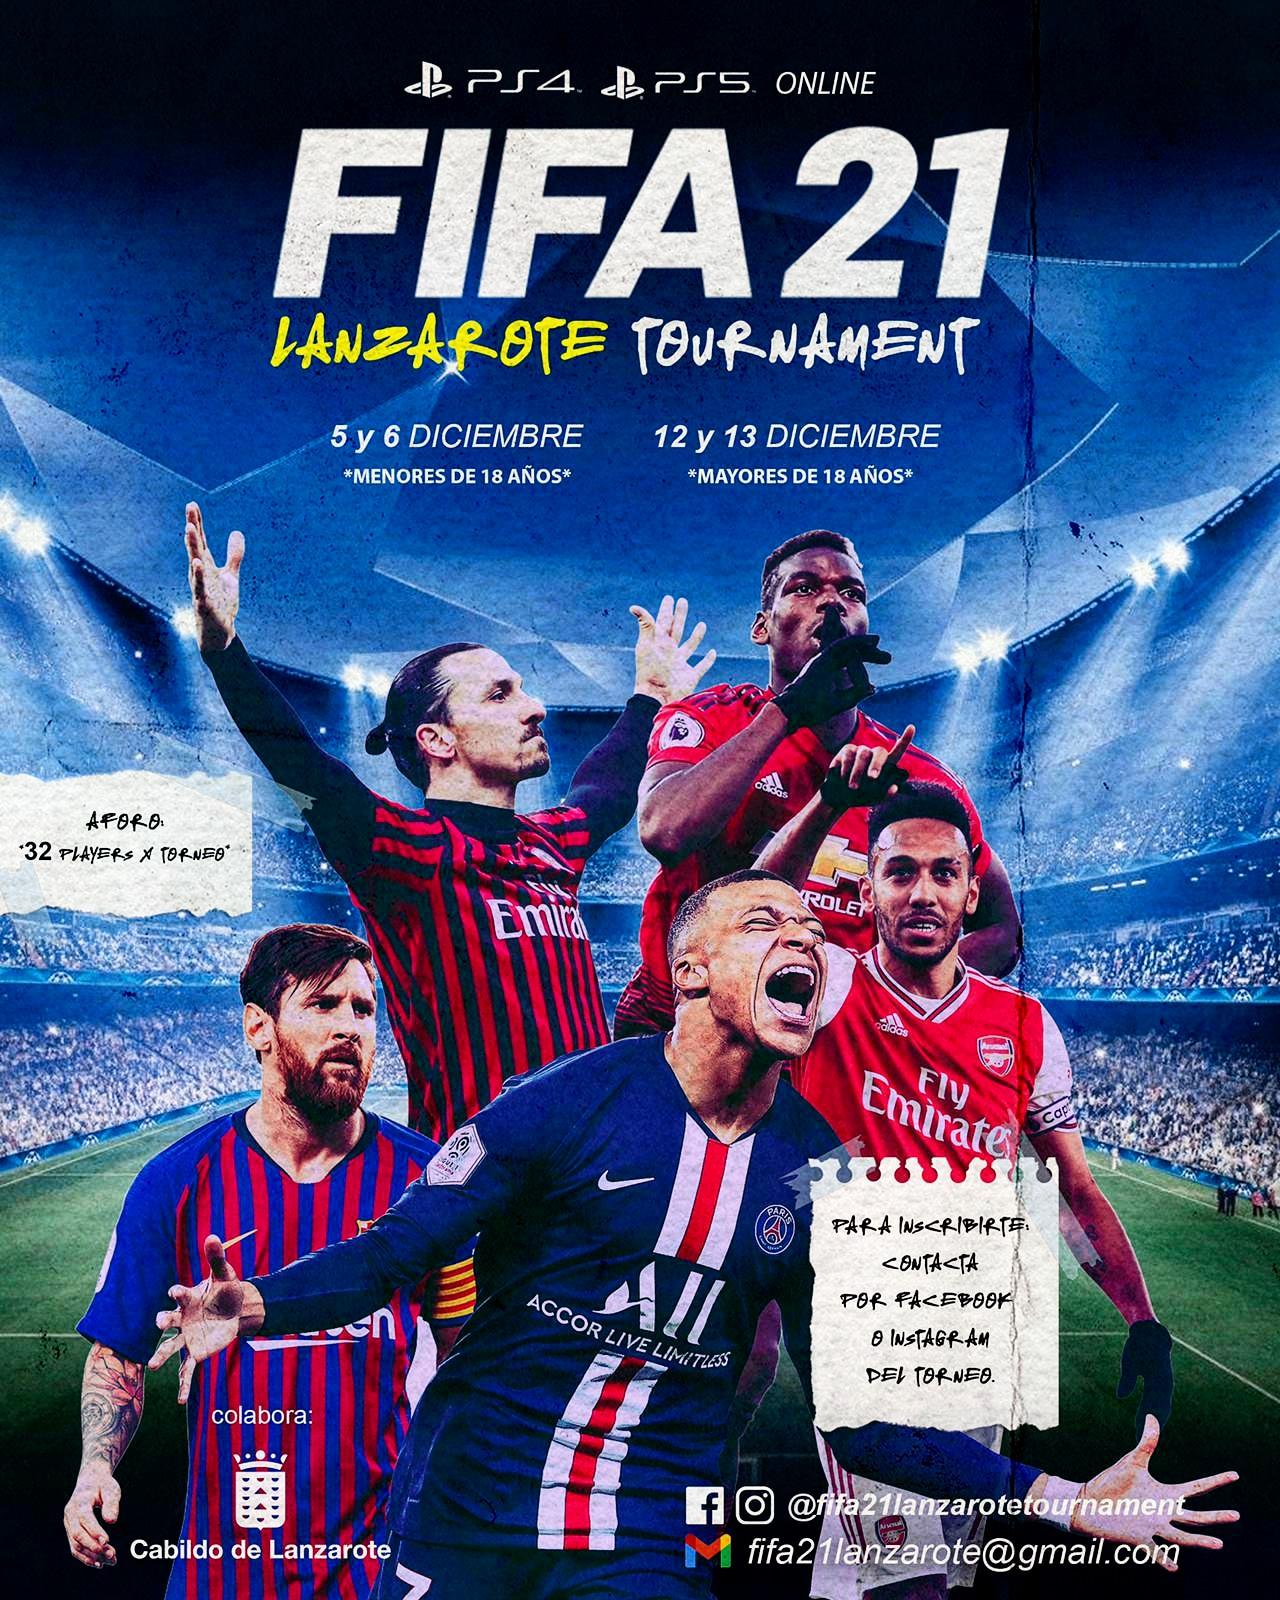 El Cabildo de Lanzarote colabora en la organización de un torneo online del FIFA 21